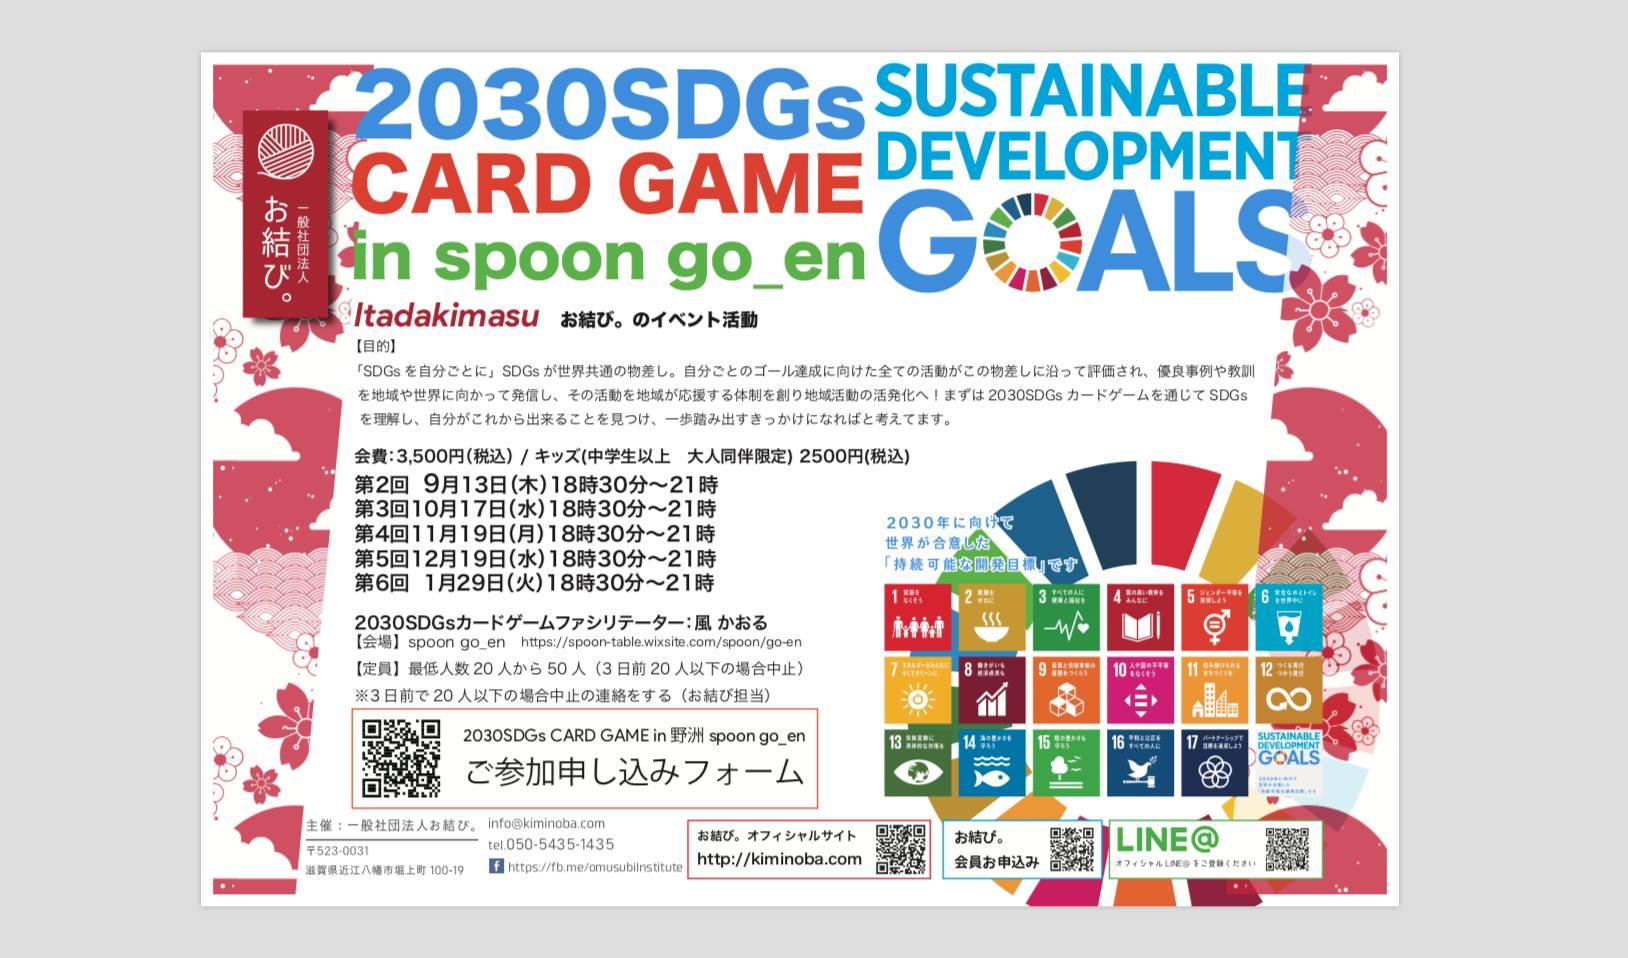 第5回 2030SDGsカードゲームin野洲spoon go_en